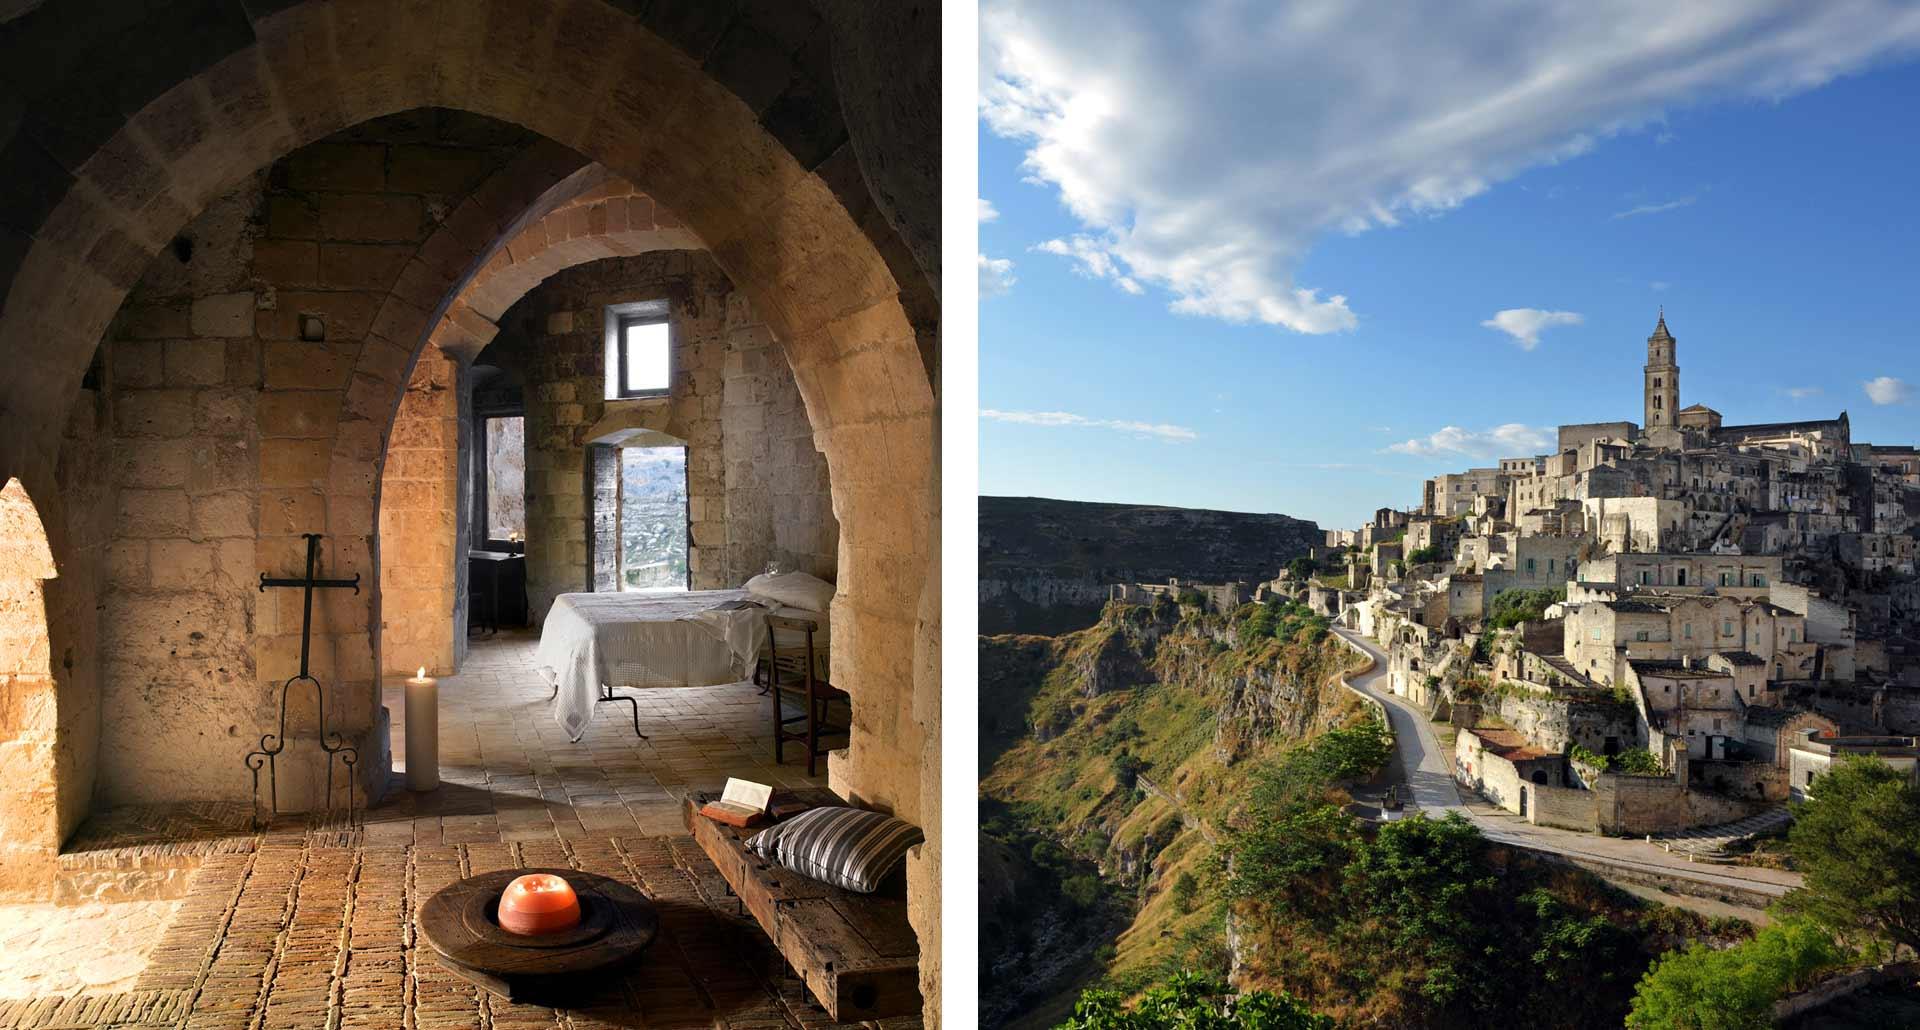 Sextantio Le Grotte della Civiltà - 5 Stelle boutique hotel Matera, Italia